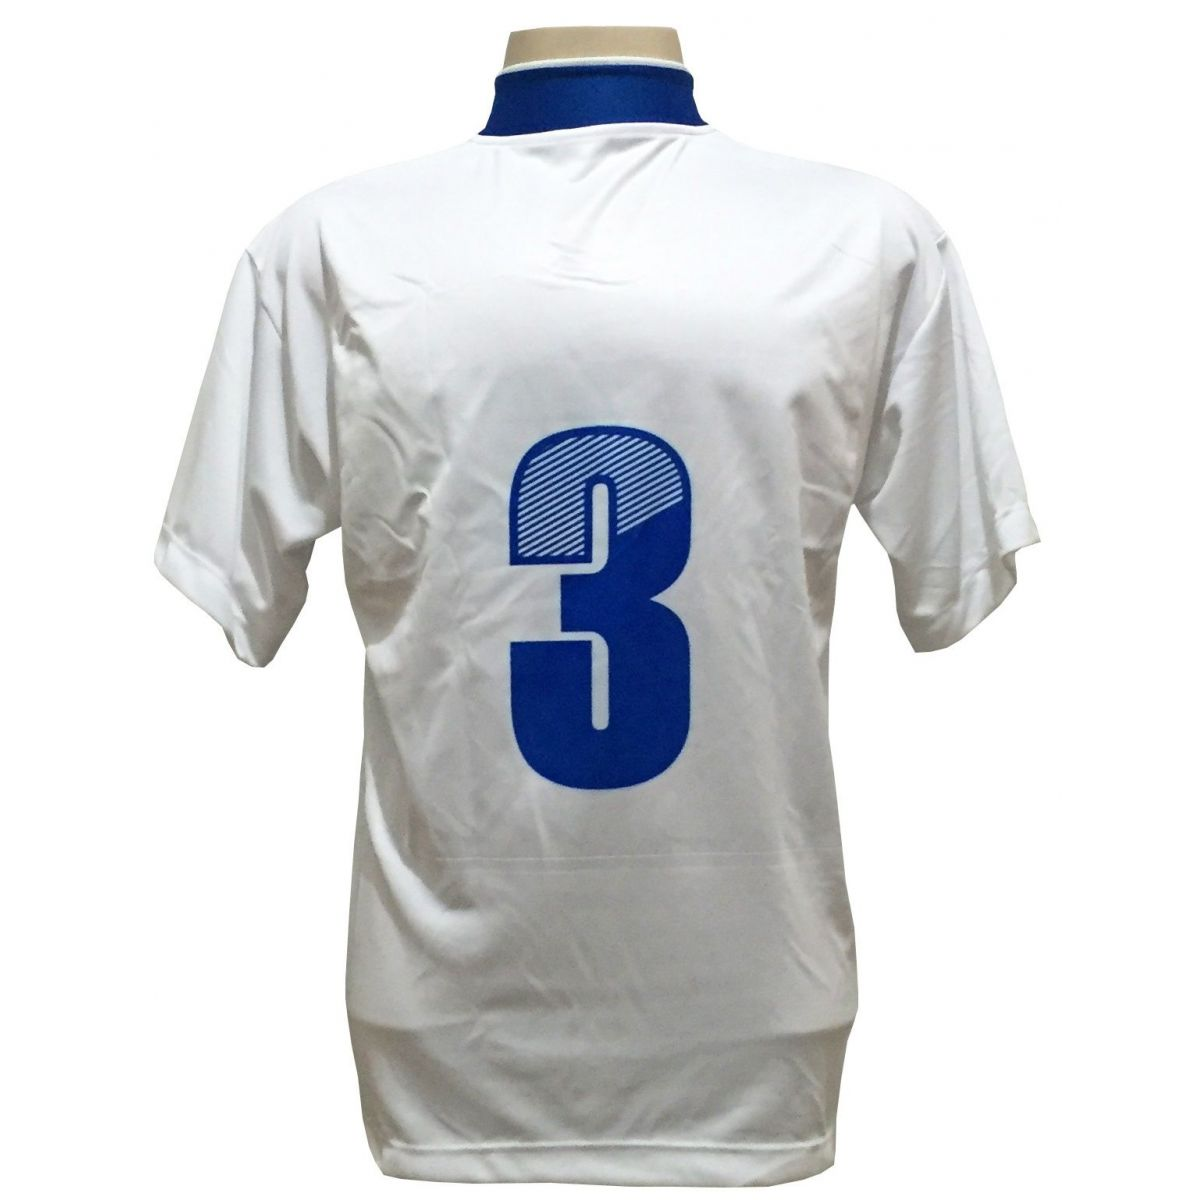 Uniforme Esportivo Completo modelo Suécia 14+1 (14 camisas Branco/Royal + 14 calções Madrid Branco+ 14 pares de meiões + 1 conjunto de goleiro) + Brindes